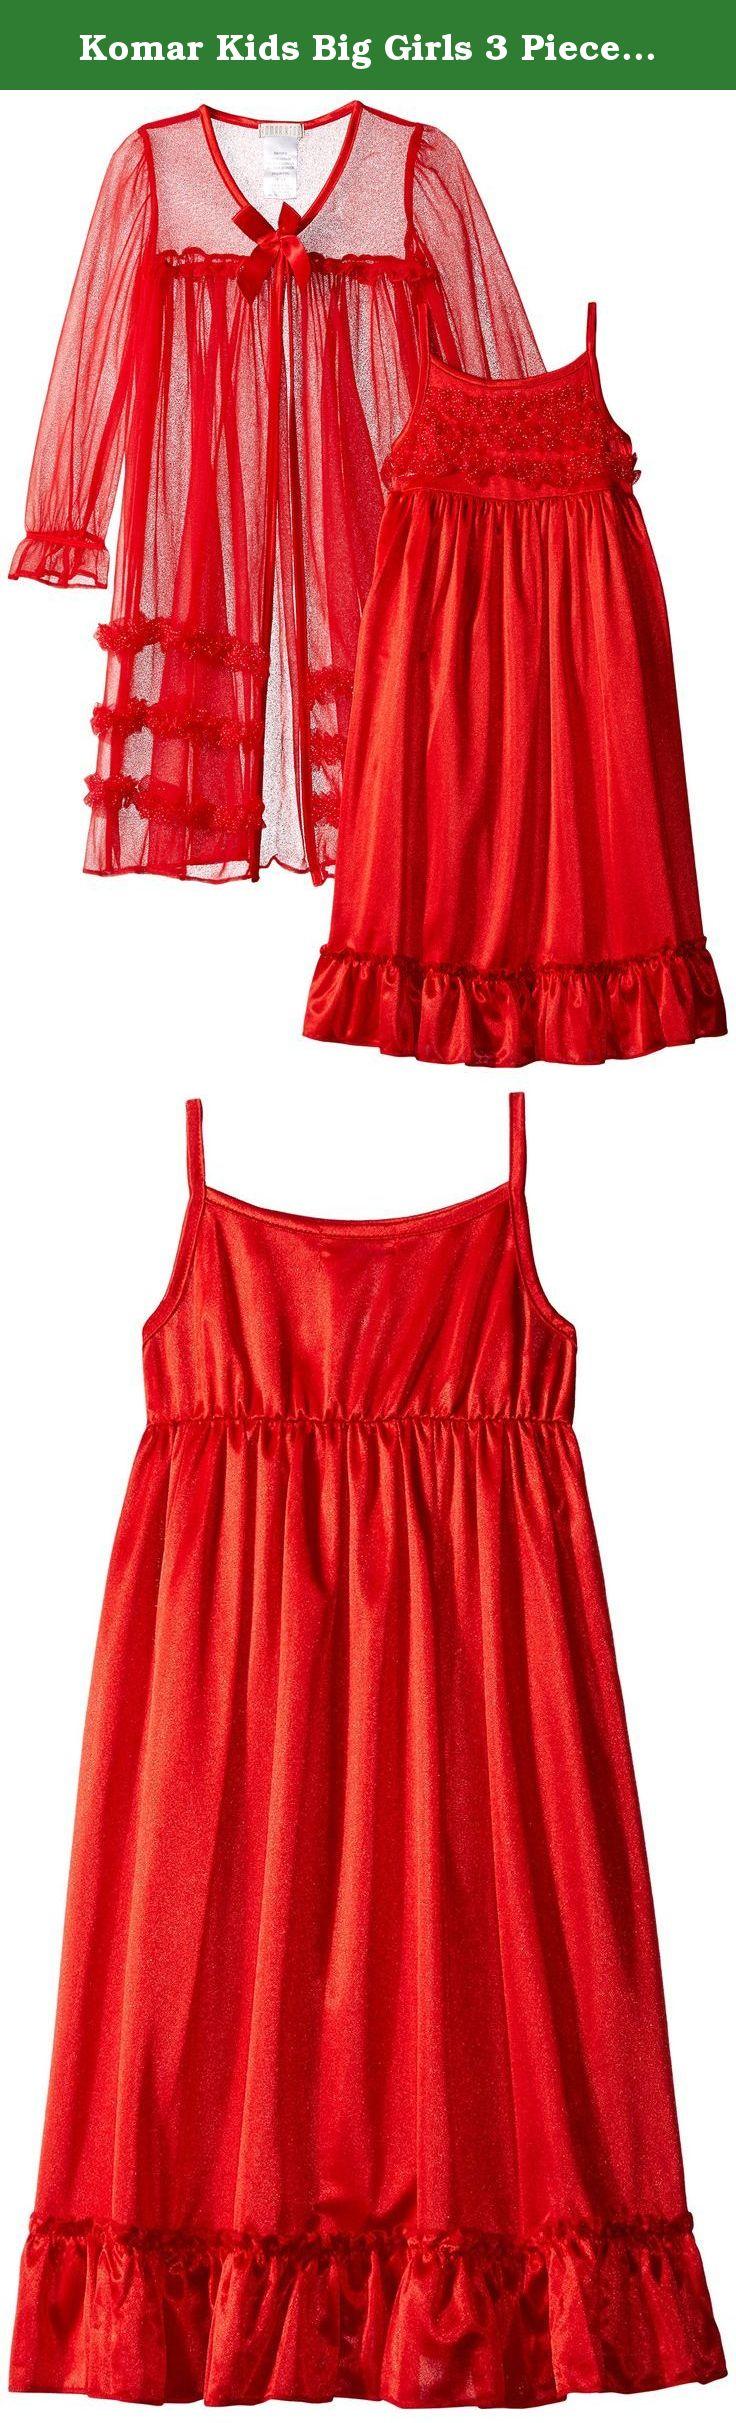 Komar Kids Little Girls/' Red Peignoir Gown Set